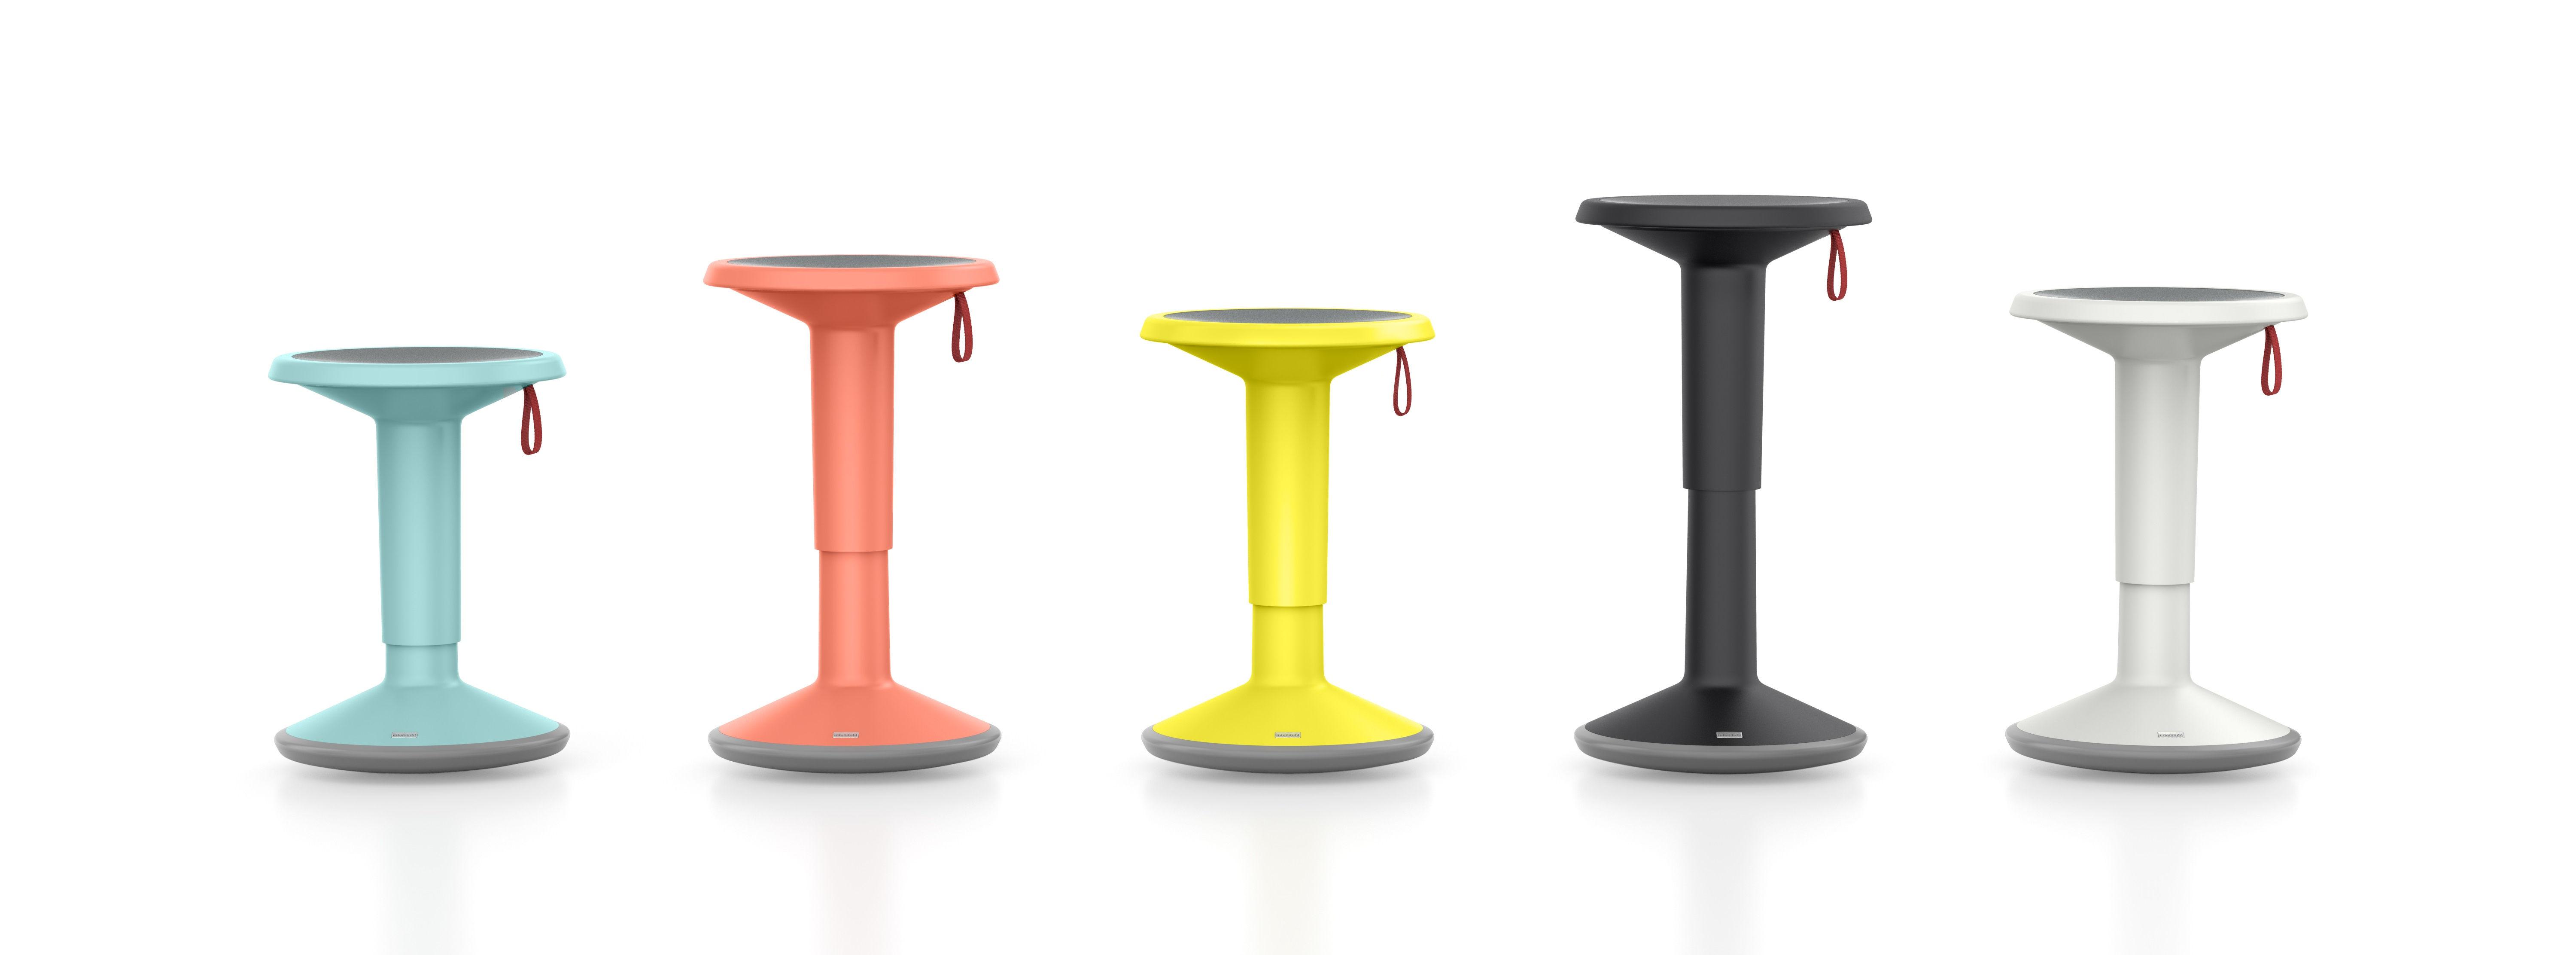 Schreibtisch hocker ergonomisch  Interstuhl UPIS1 - Der Hocker für aktives Sitzen